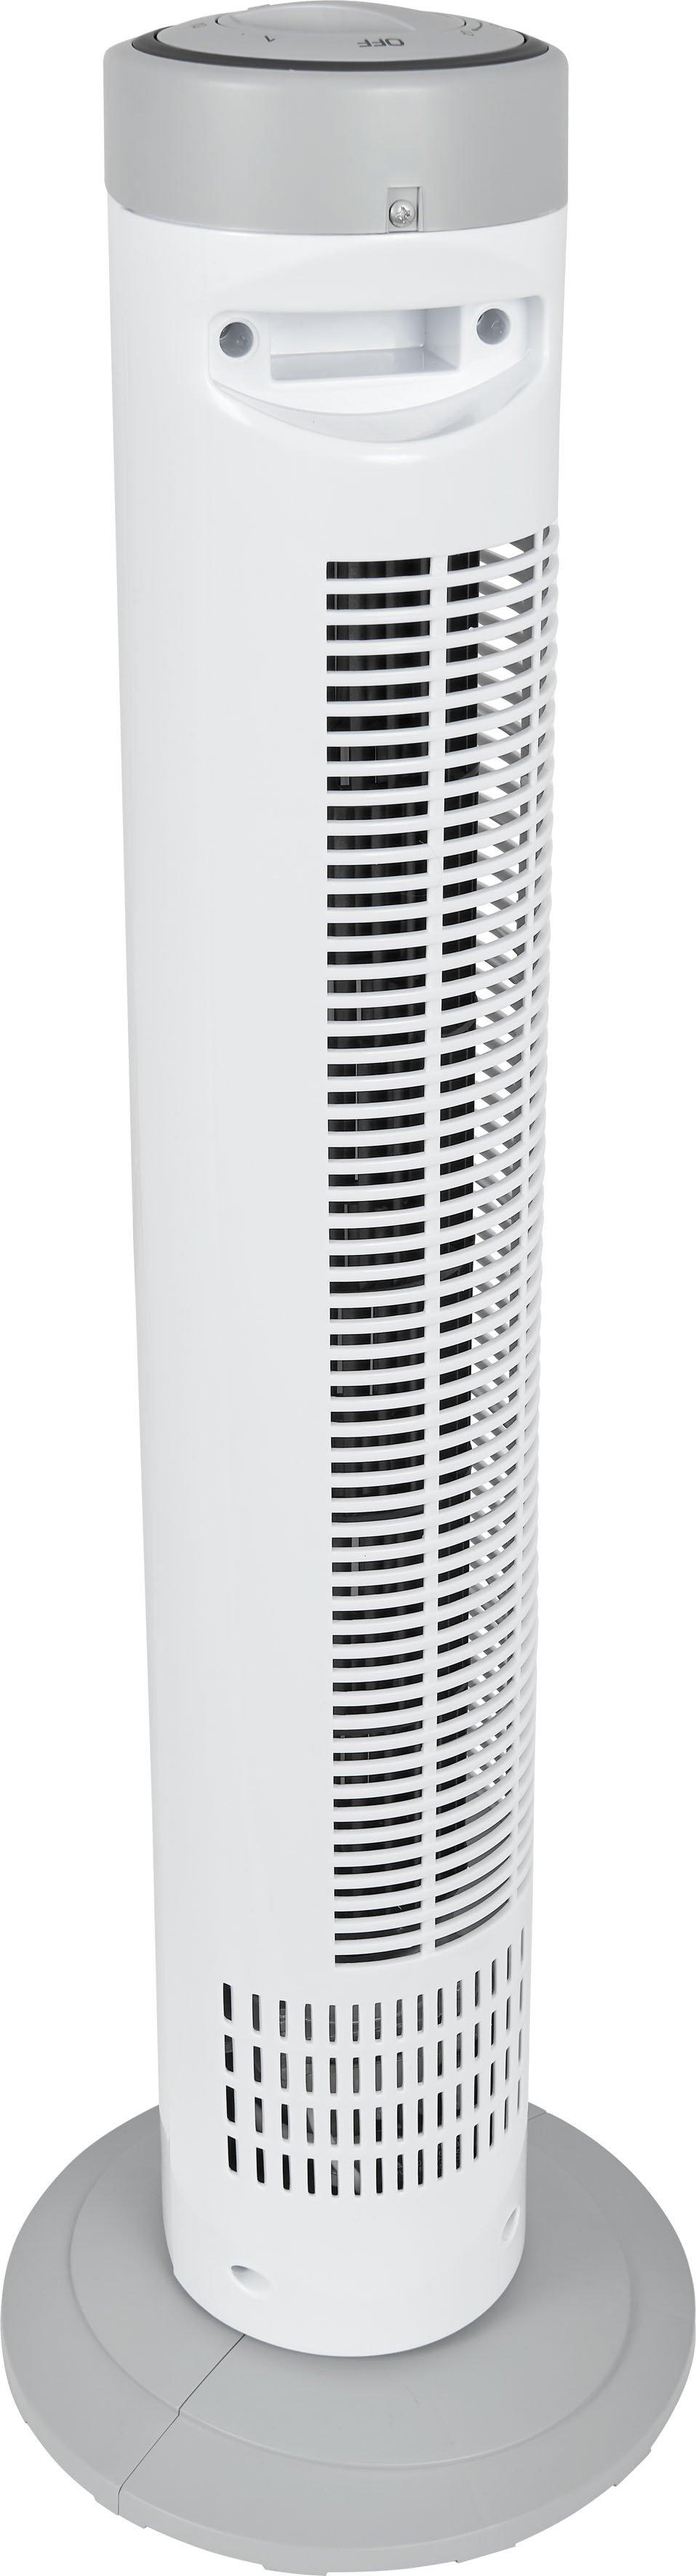 KLARBACH torenventilator VS 34569 we goedkoop op otto.nl kopen